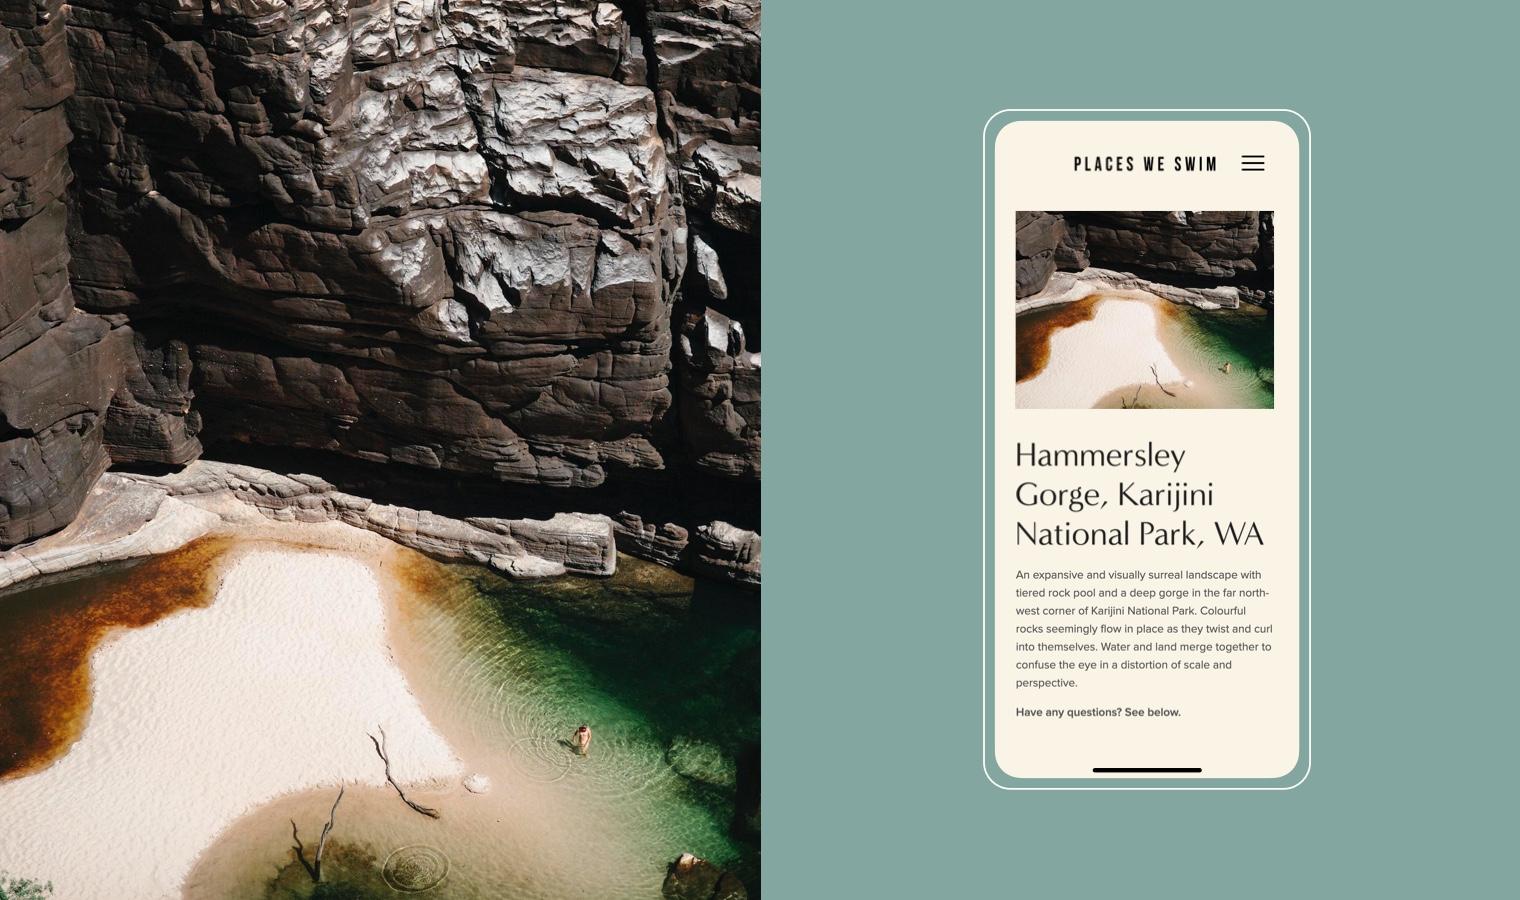 travel-australia-ethical-design-agency-sustainable-brands-graphic-designer-sydney-byron-bay-bondi-melbourne-branding.jpg